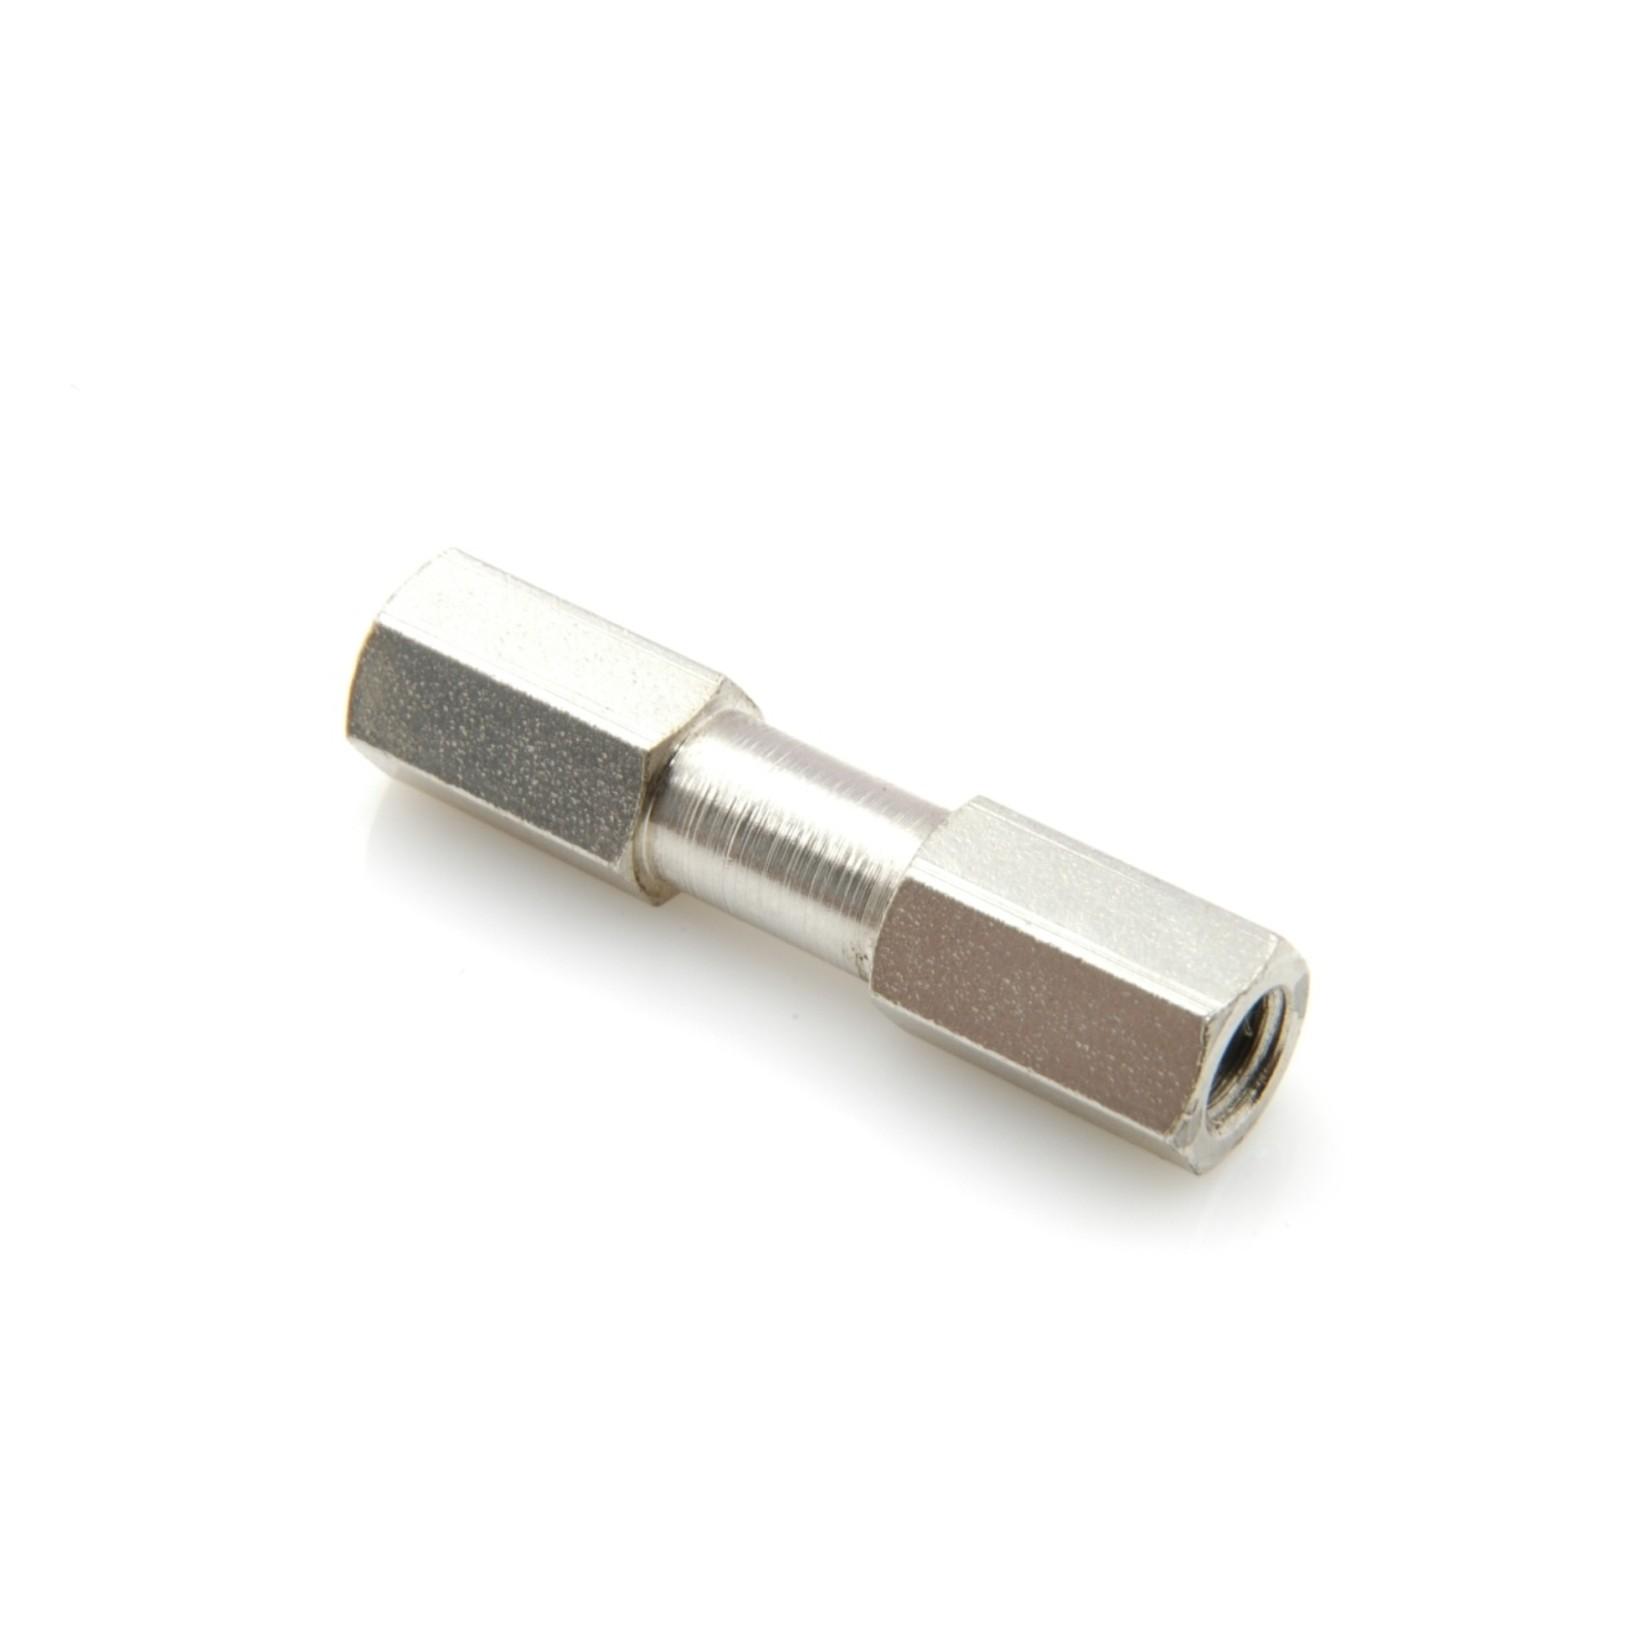 Leidingkoppeling 4,5mm l=56,5 Nr Org: 5426236